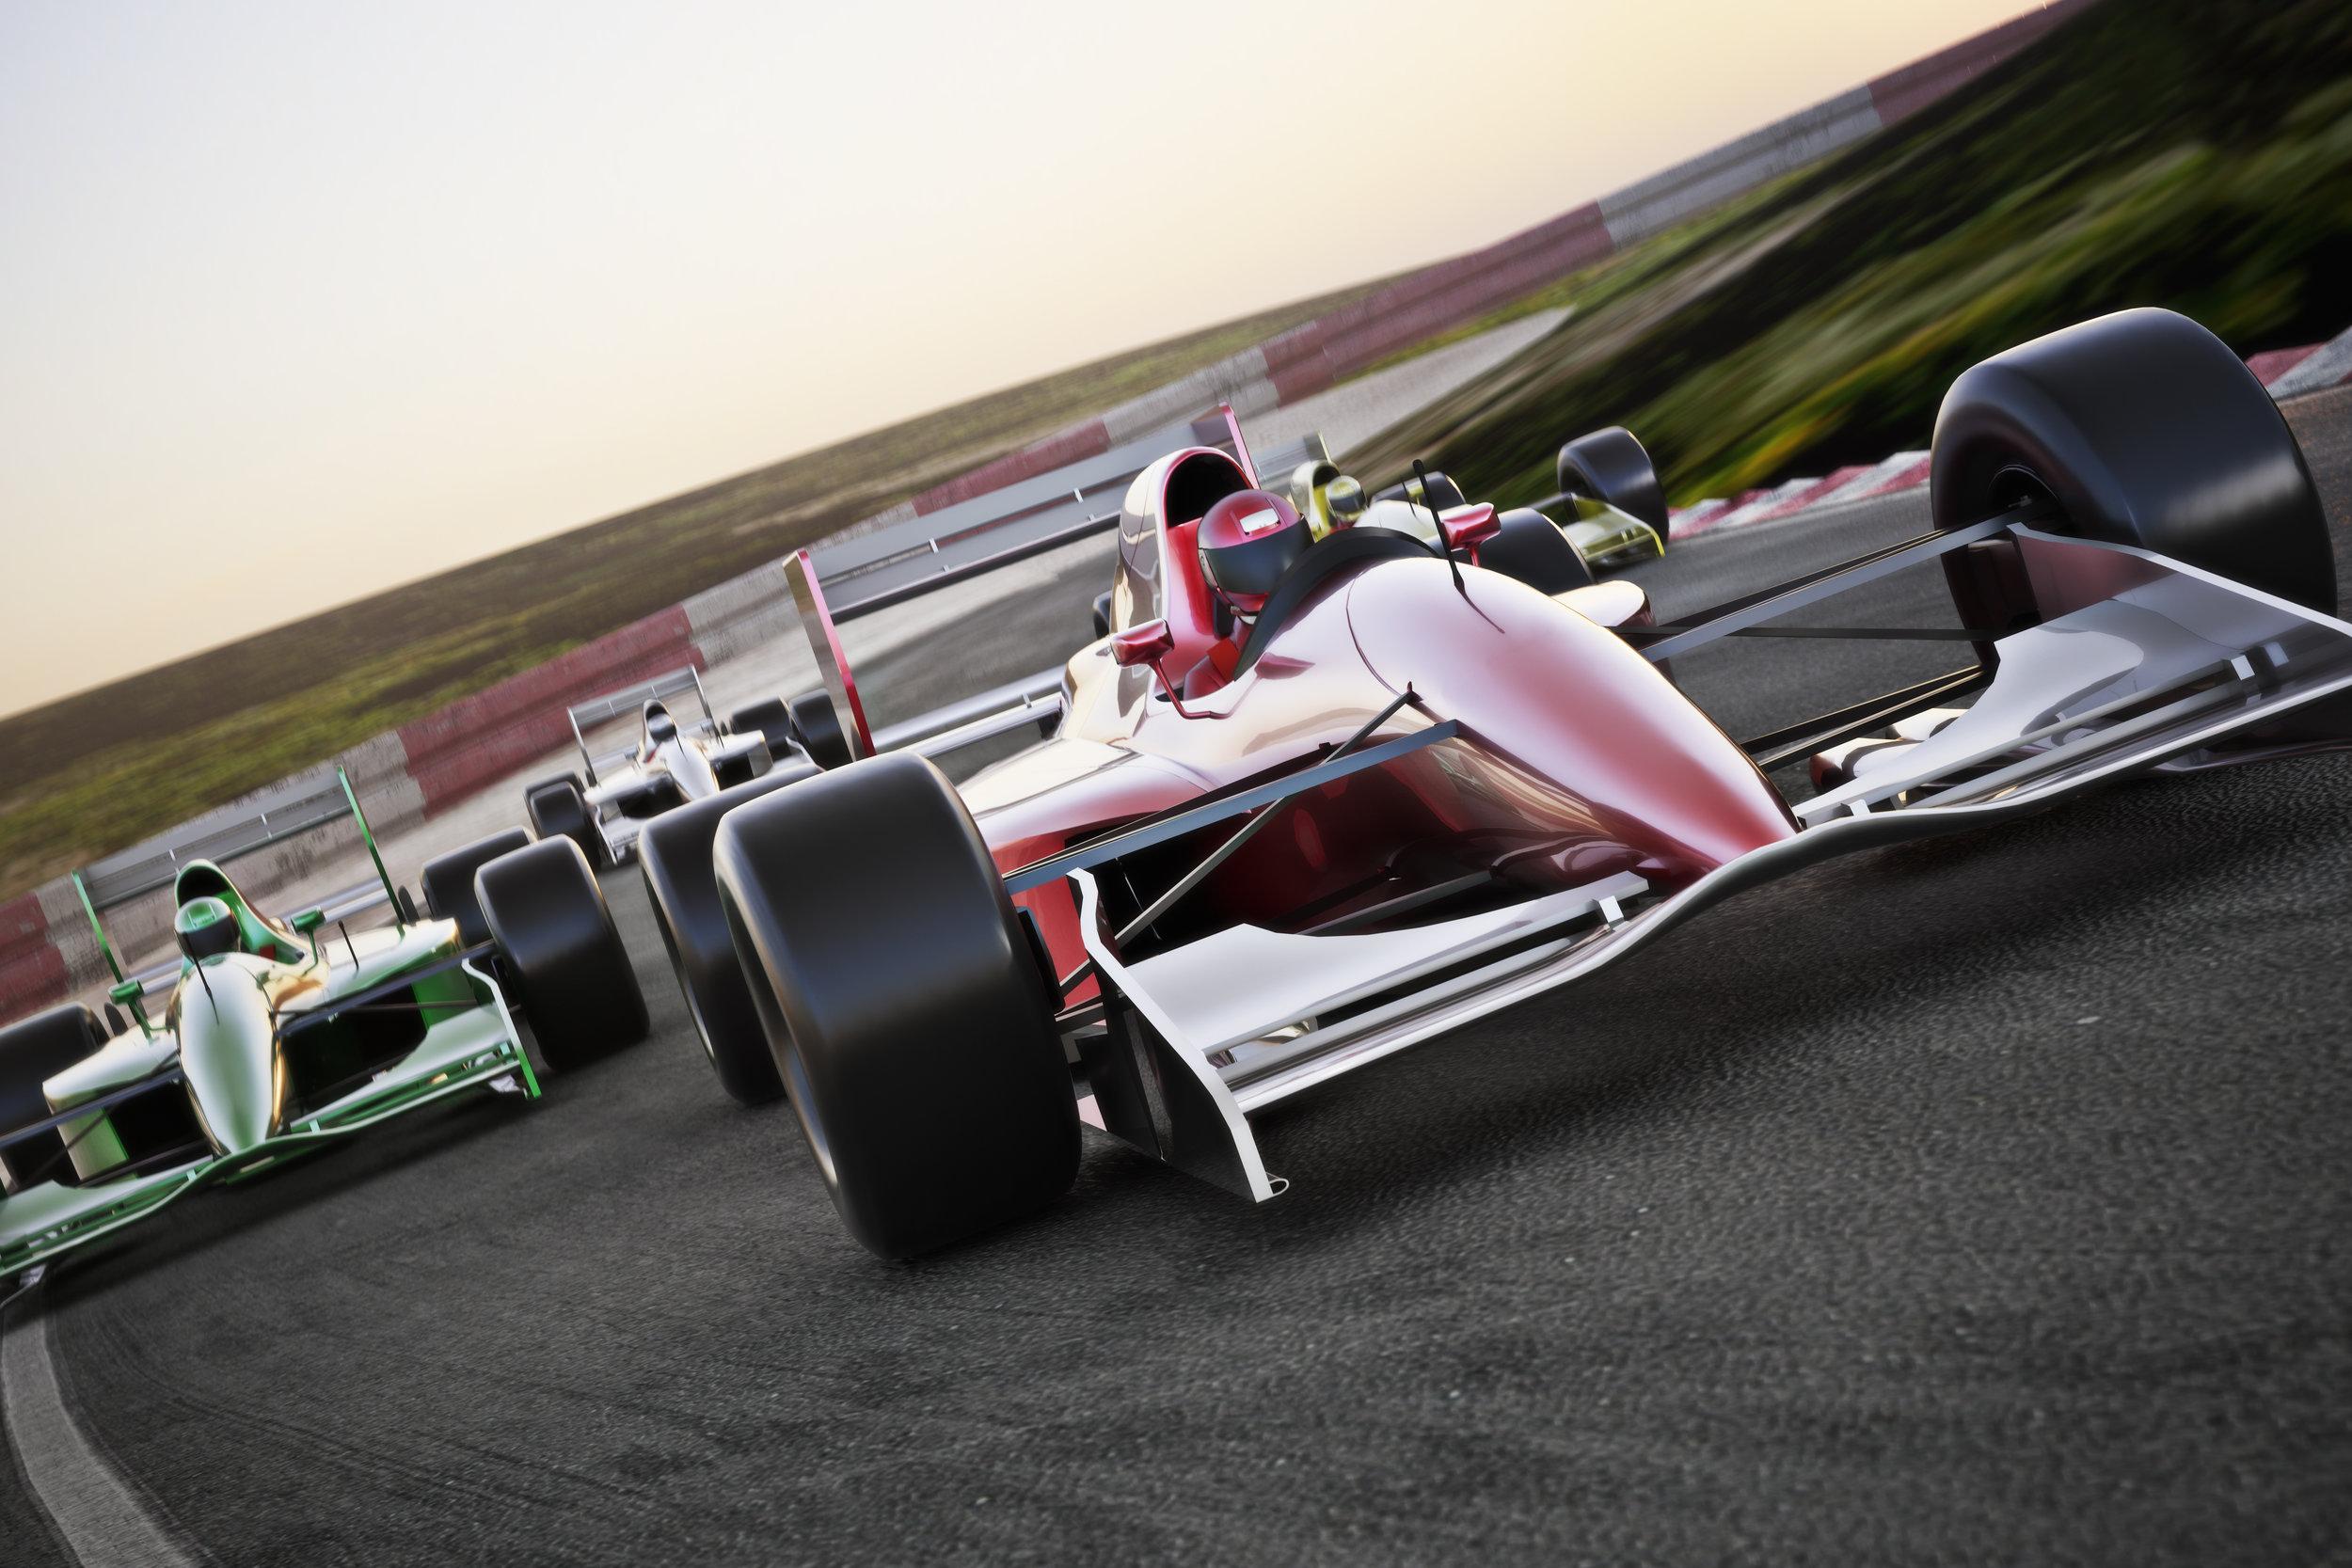 Red_RACE_CAR_PSXCK9V.jpg